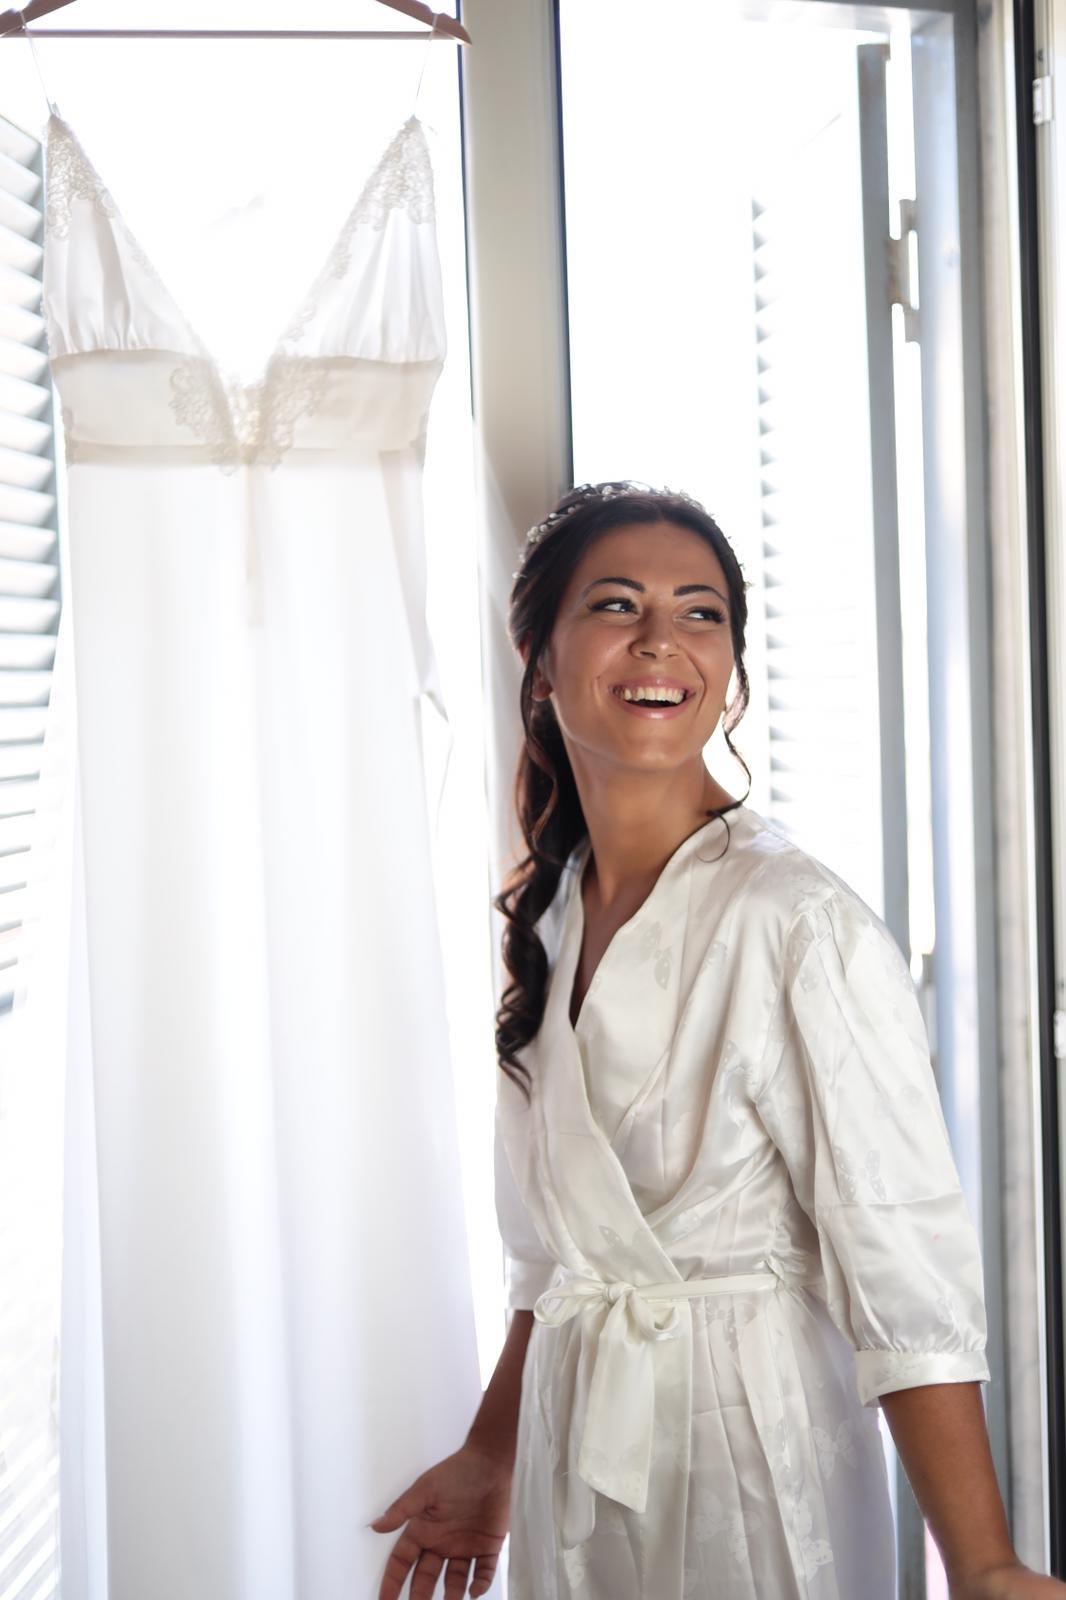 Abito da sposa cercasi: parola a Debora Di Napoli